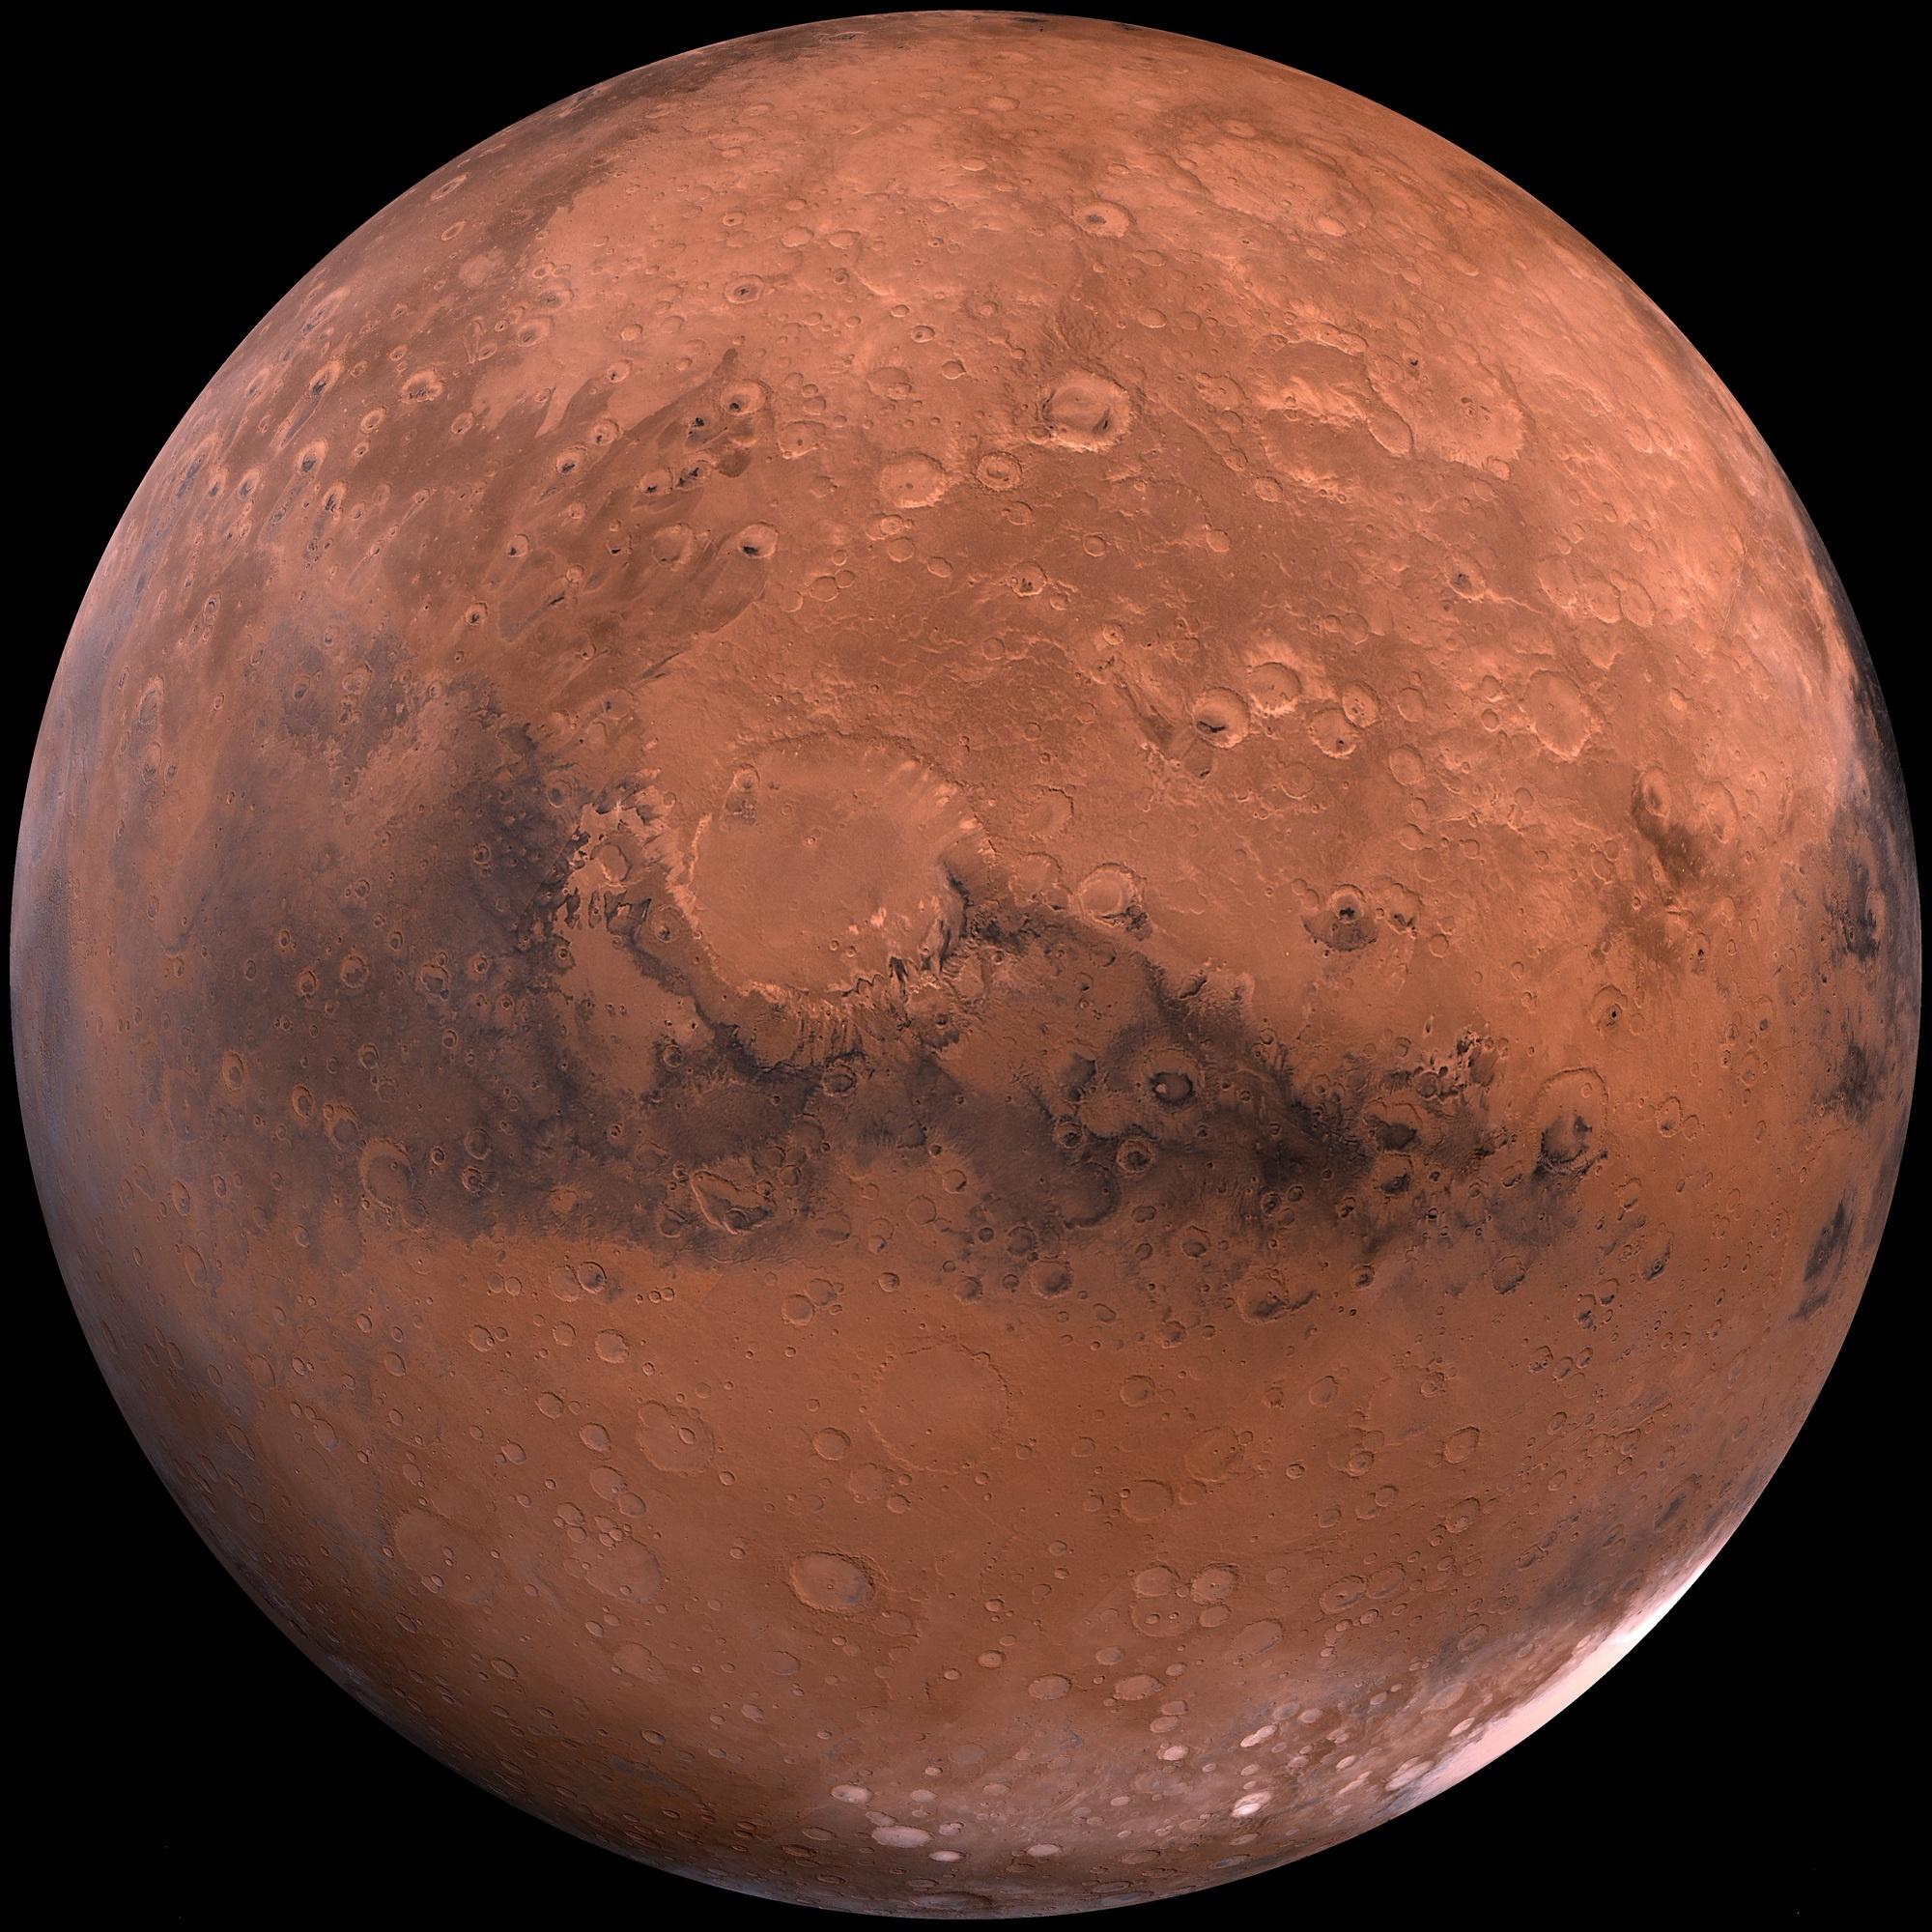 «Mars Express» ha permitido concluir casi por completo el mapa de Marte